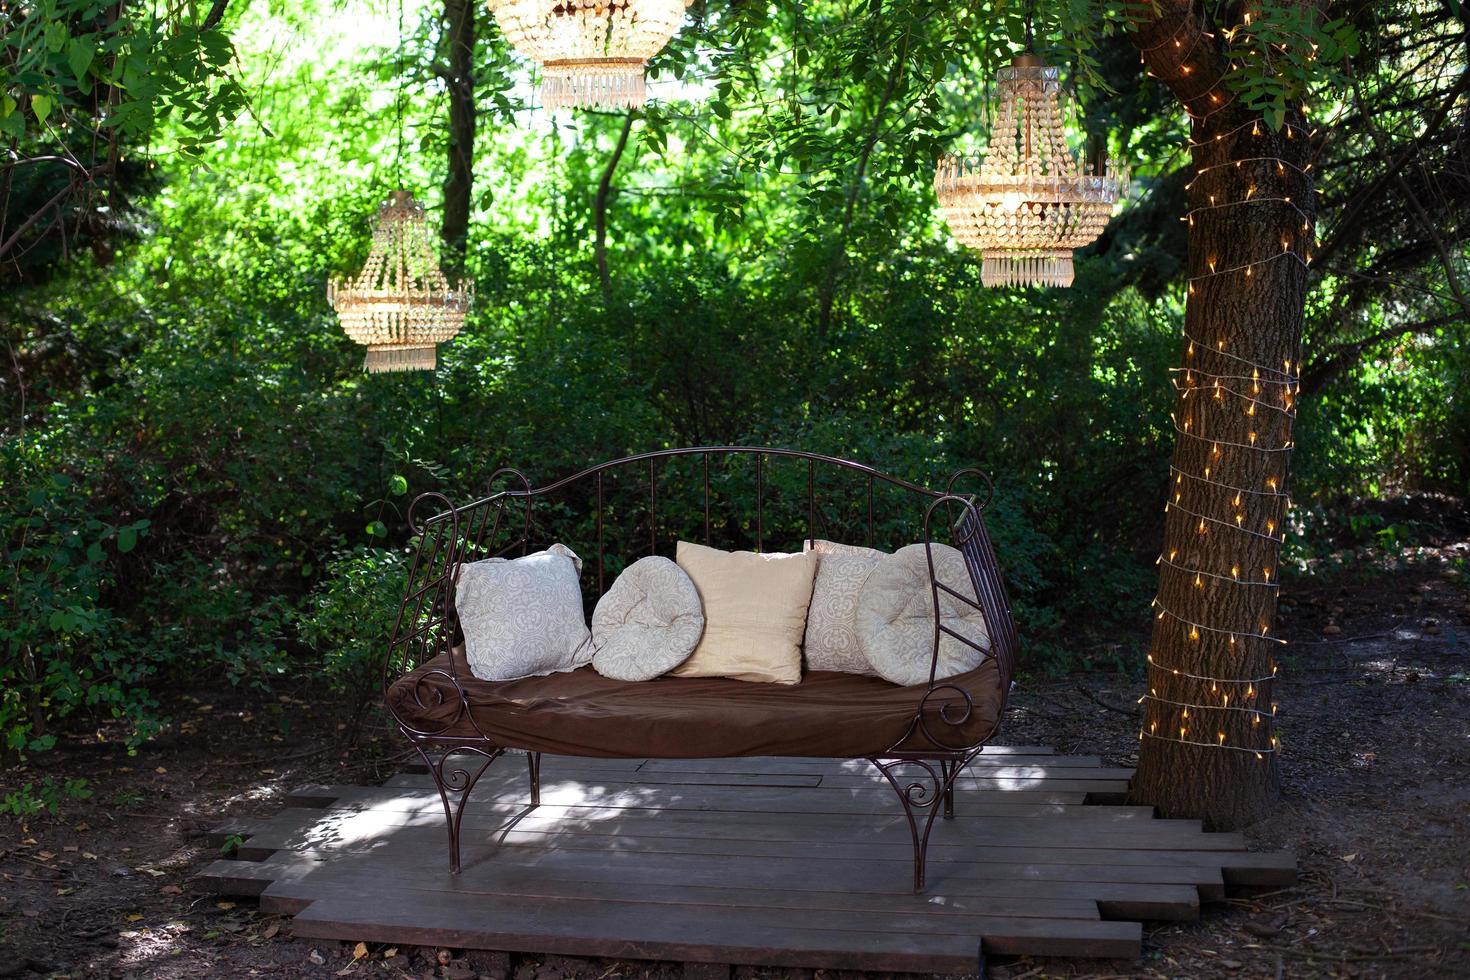 divano da giardino con decorazioni foto